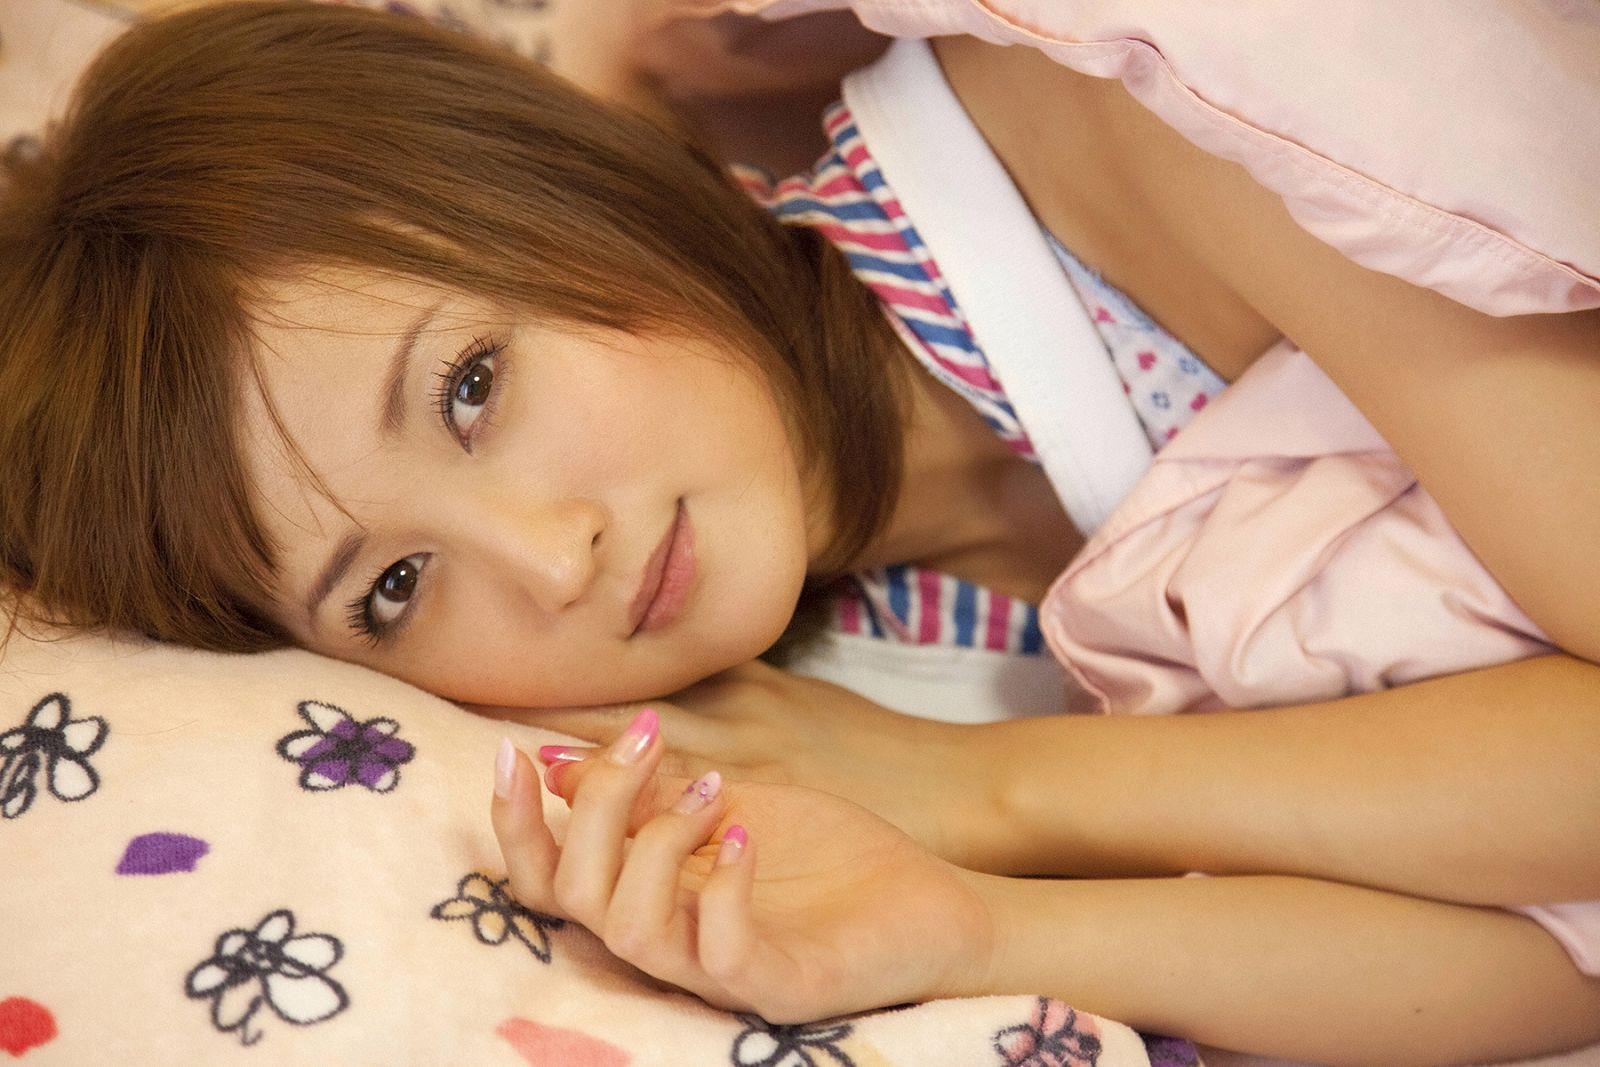 小松彩夏 画像 54